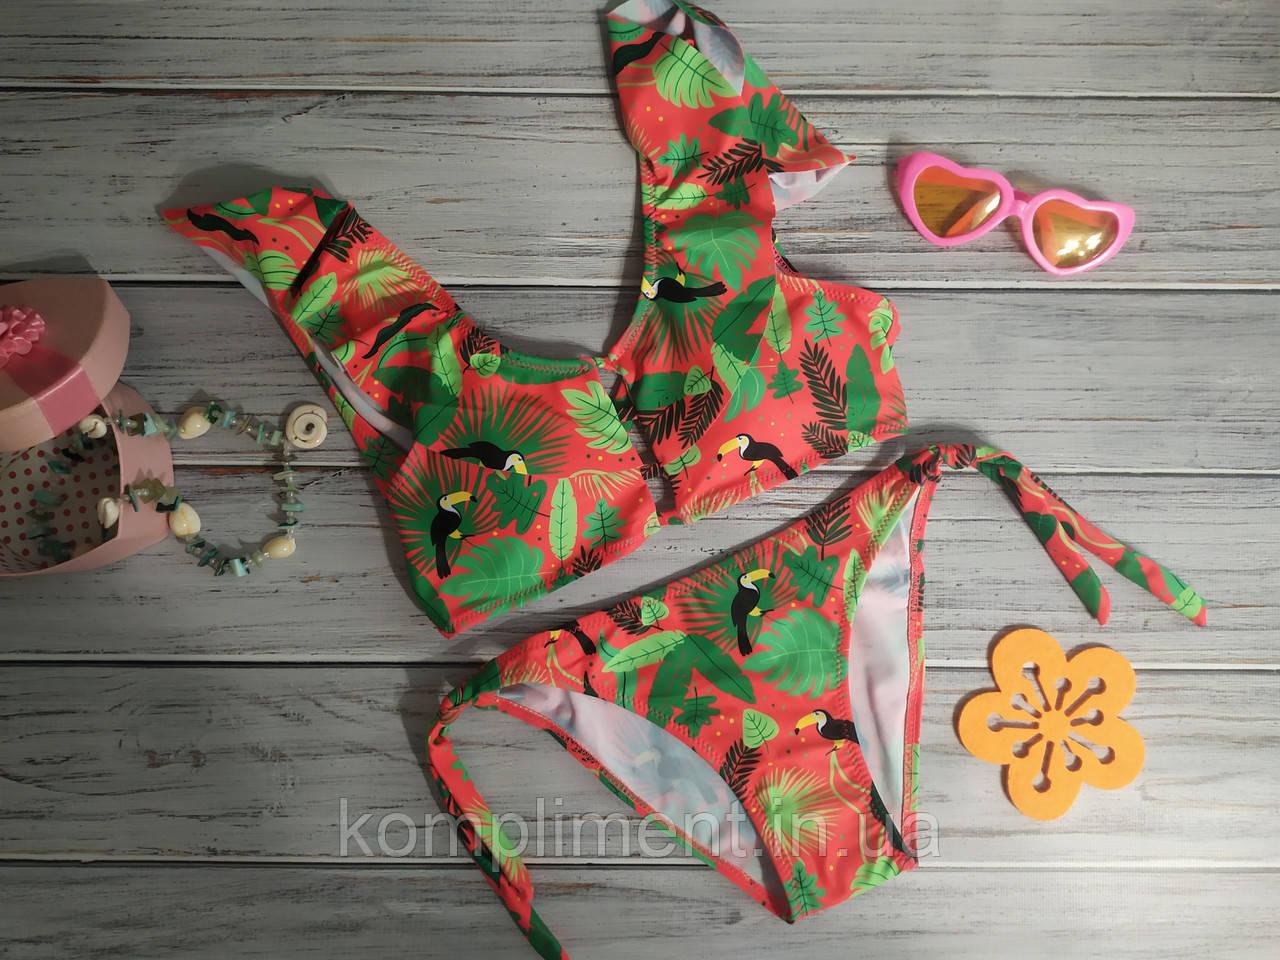 Модний яскравий роздільний купальник для дівчинки підлітка з рюшами.